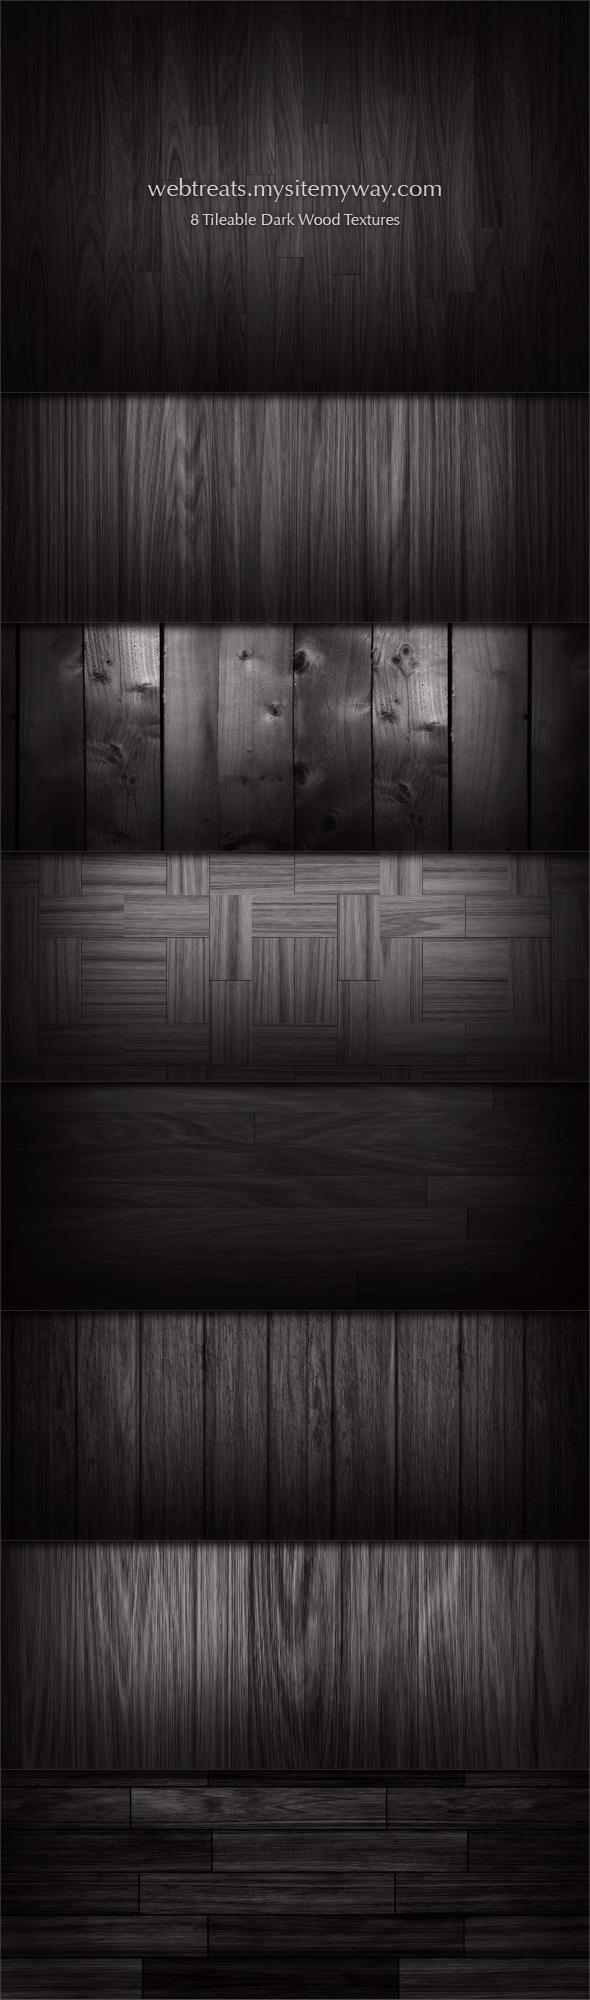 8 Tileable Dark Wood Textures